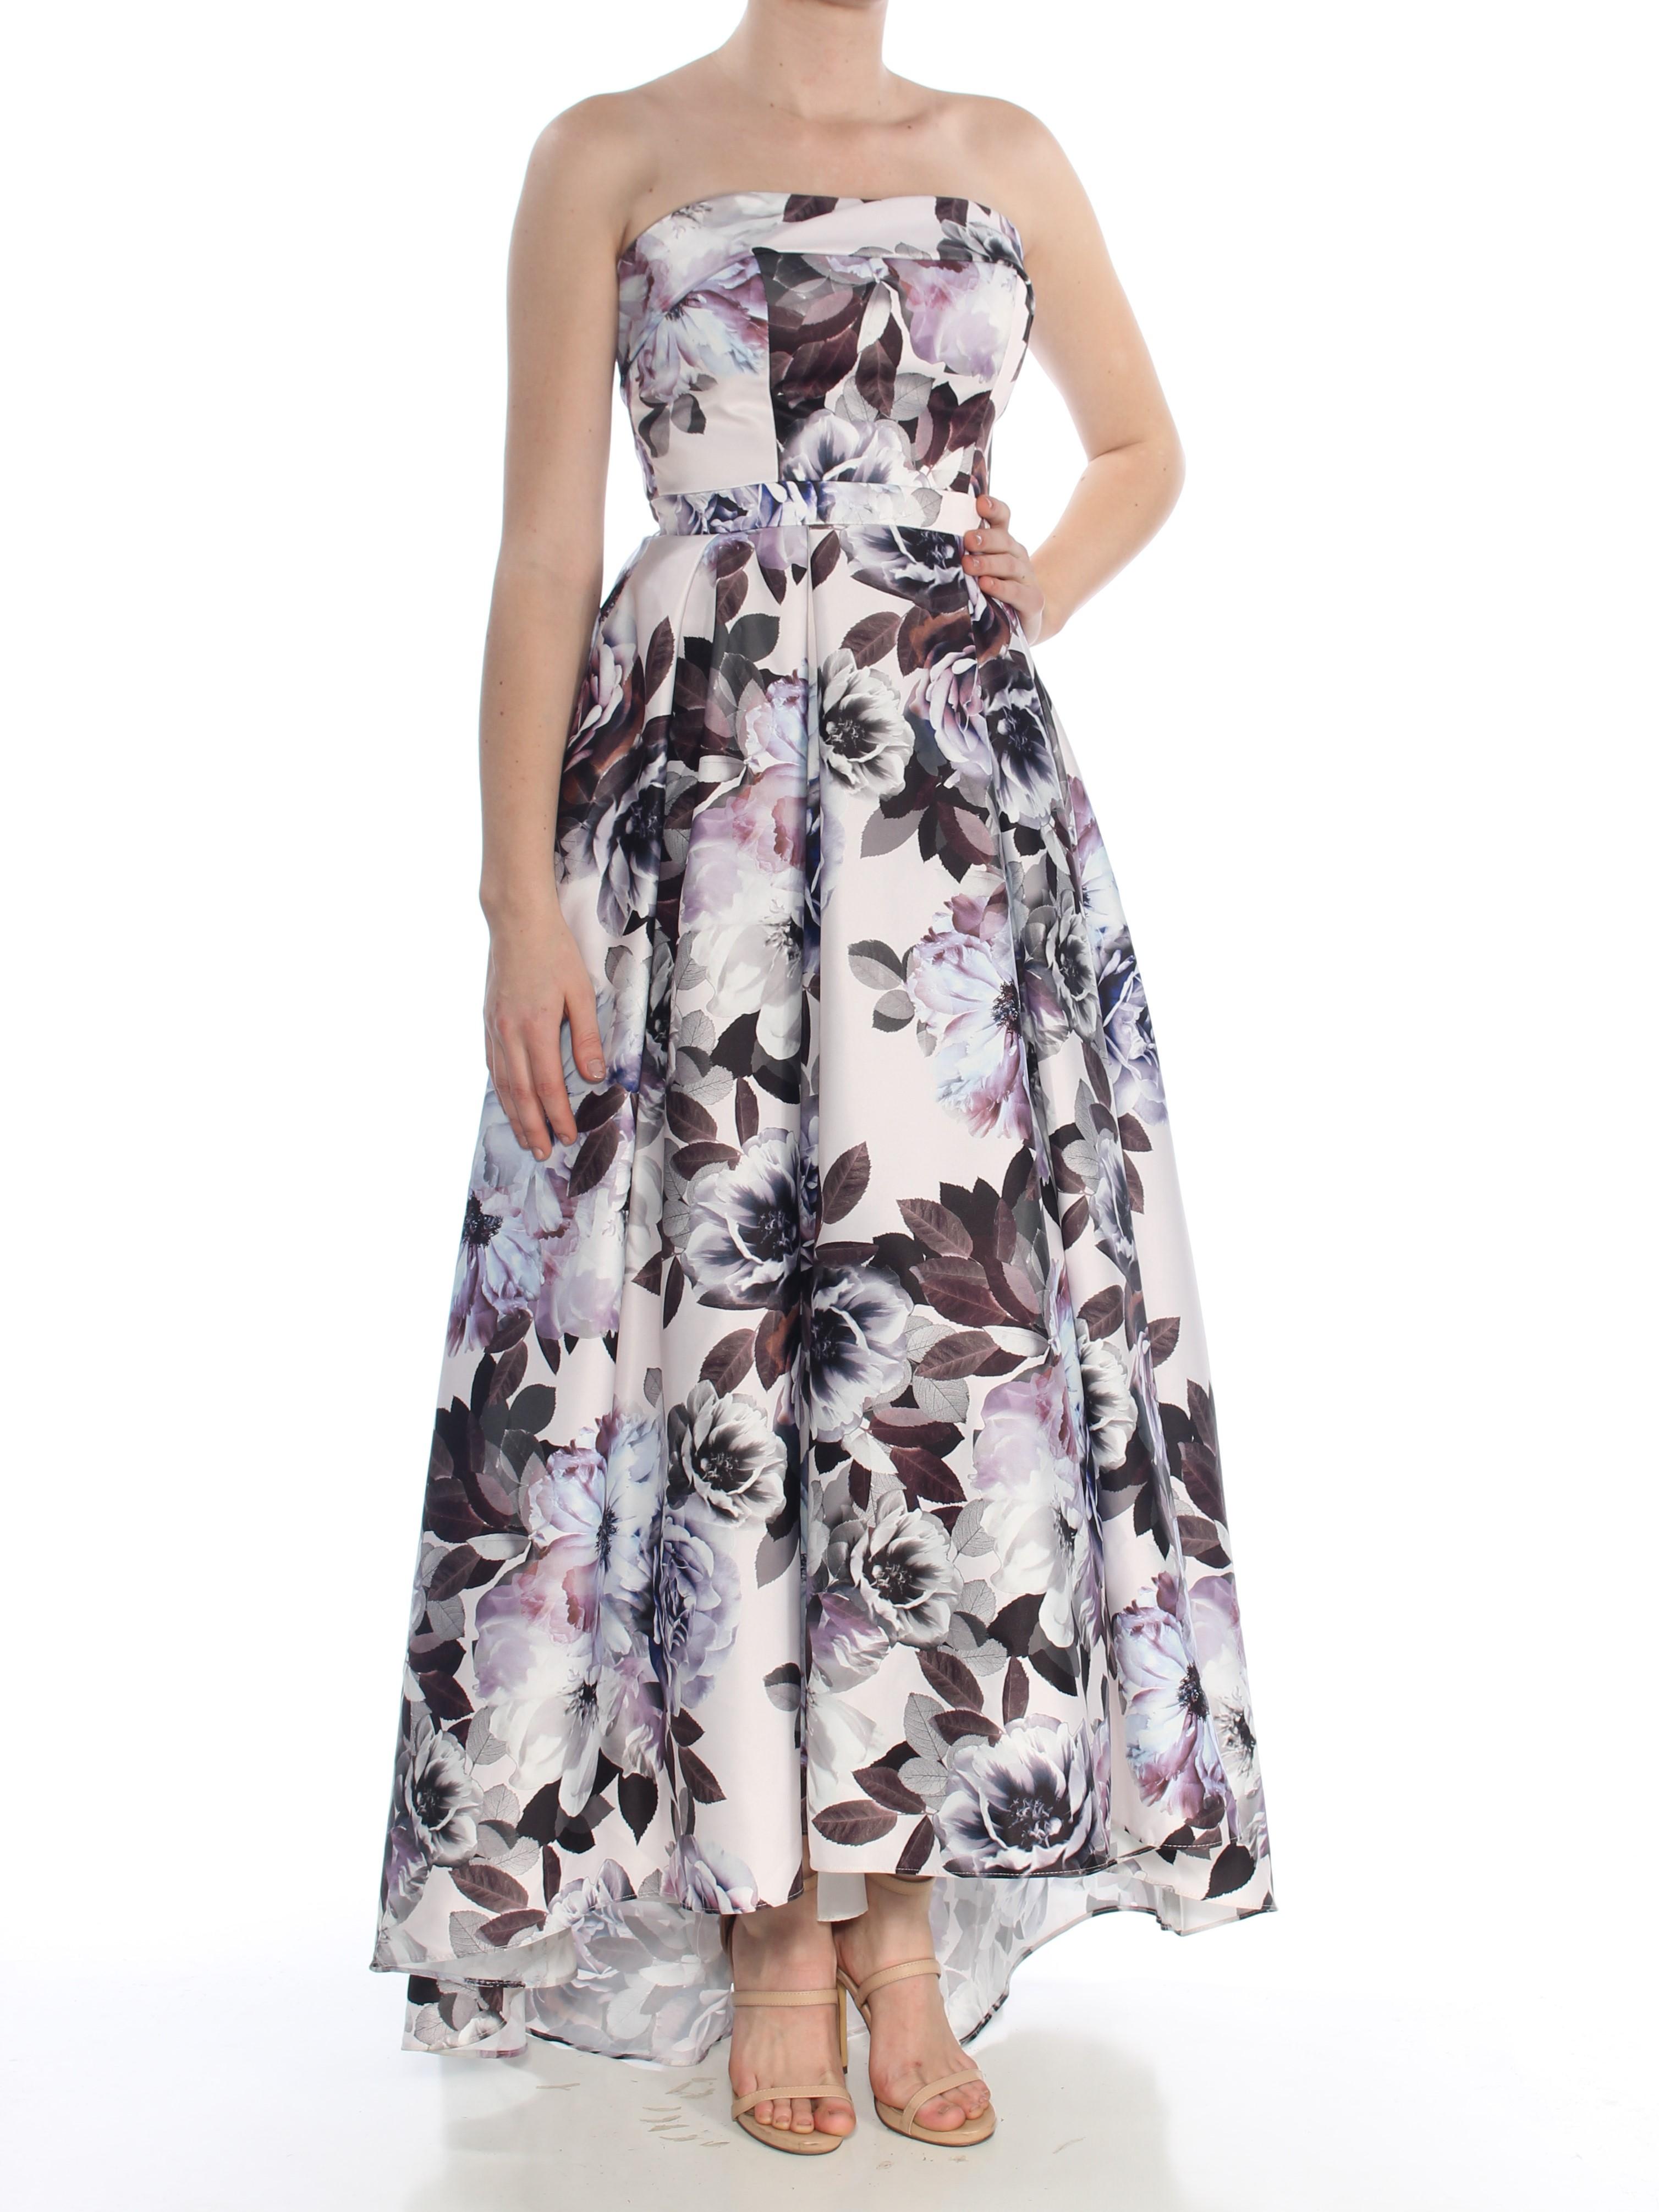 59a66b6b XSCAPE $289 Womens New 1046 Purple Floral Print Gown Strapless Hi-Lo Dress  6 B+B